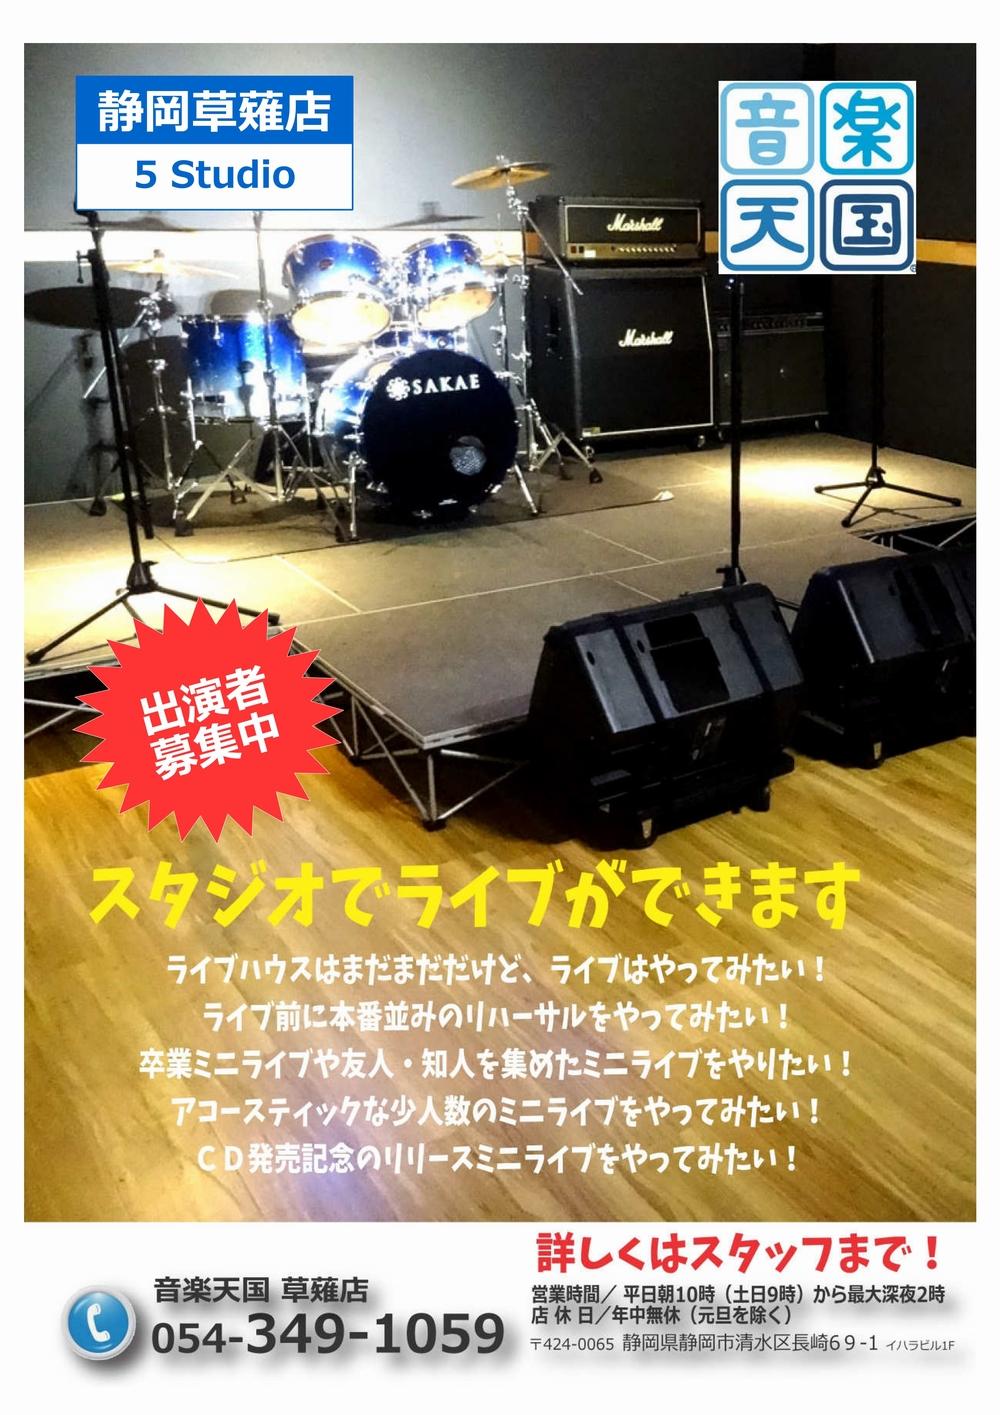 音楽天国・静岡草薙店でスタジオライブ